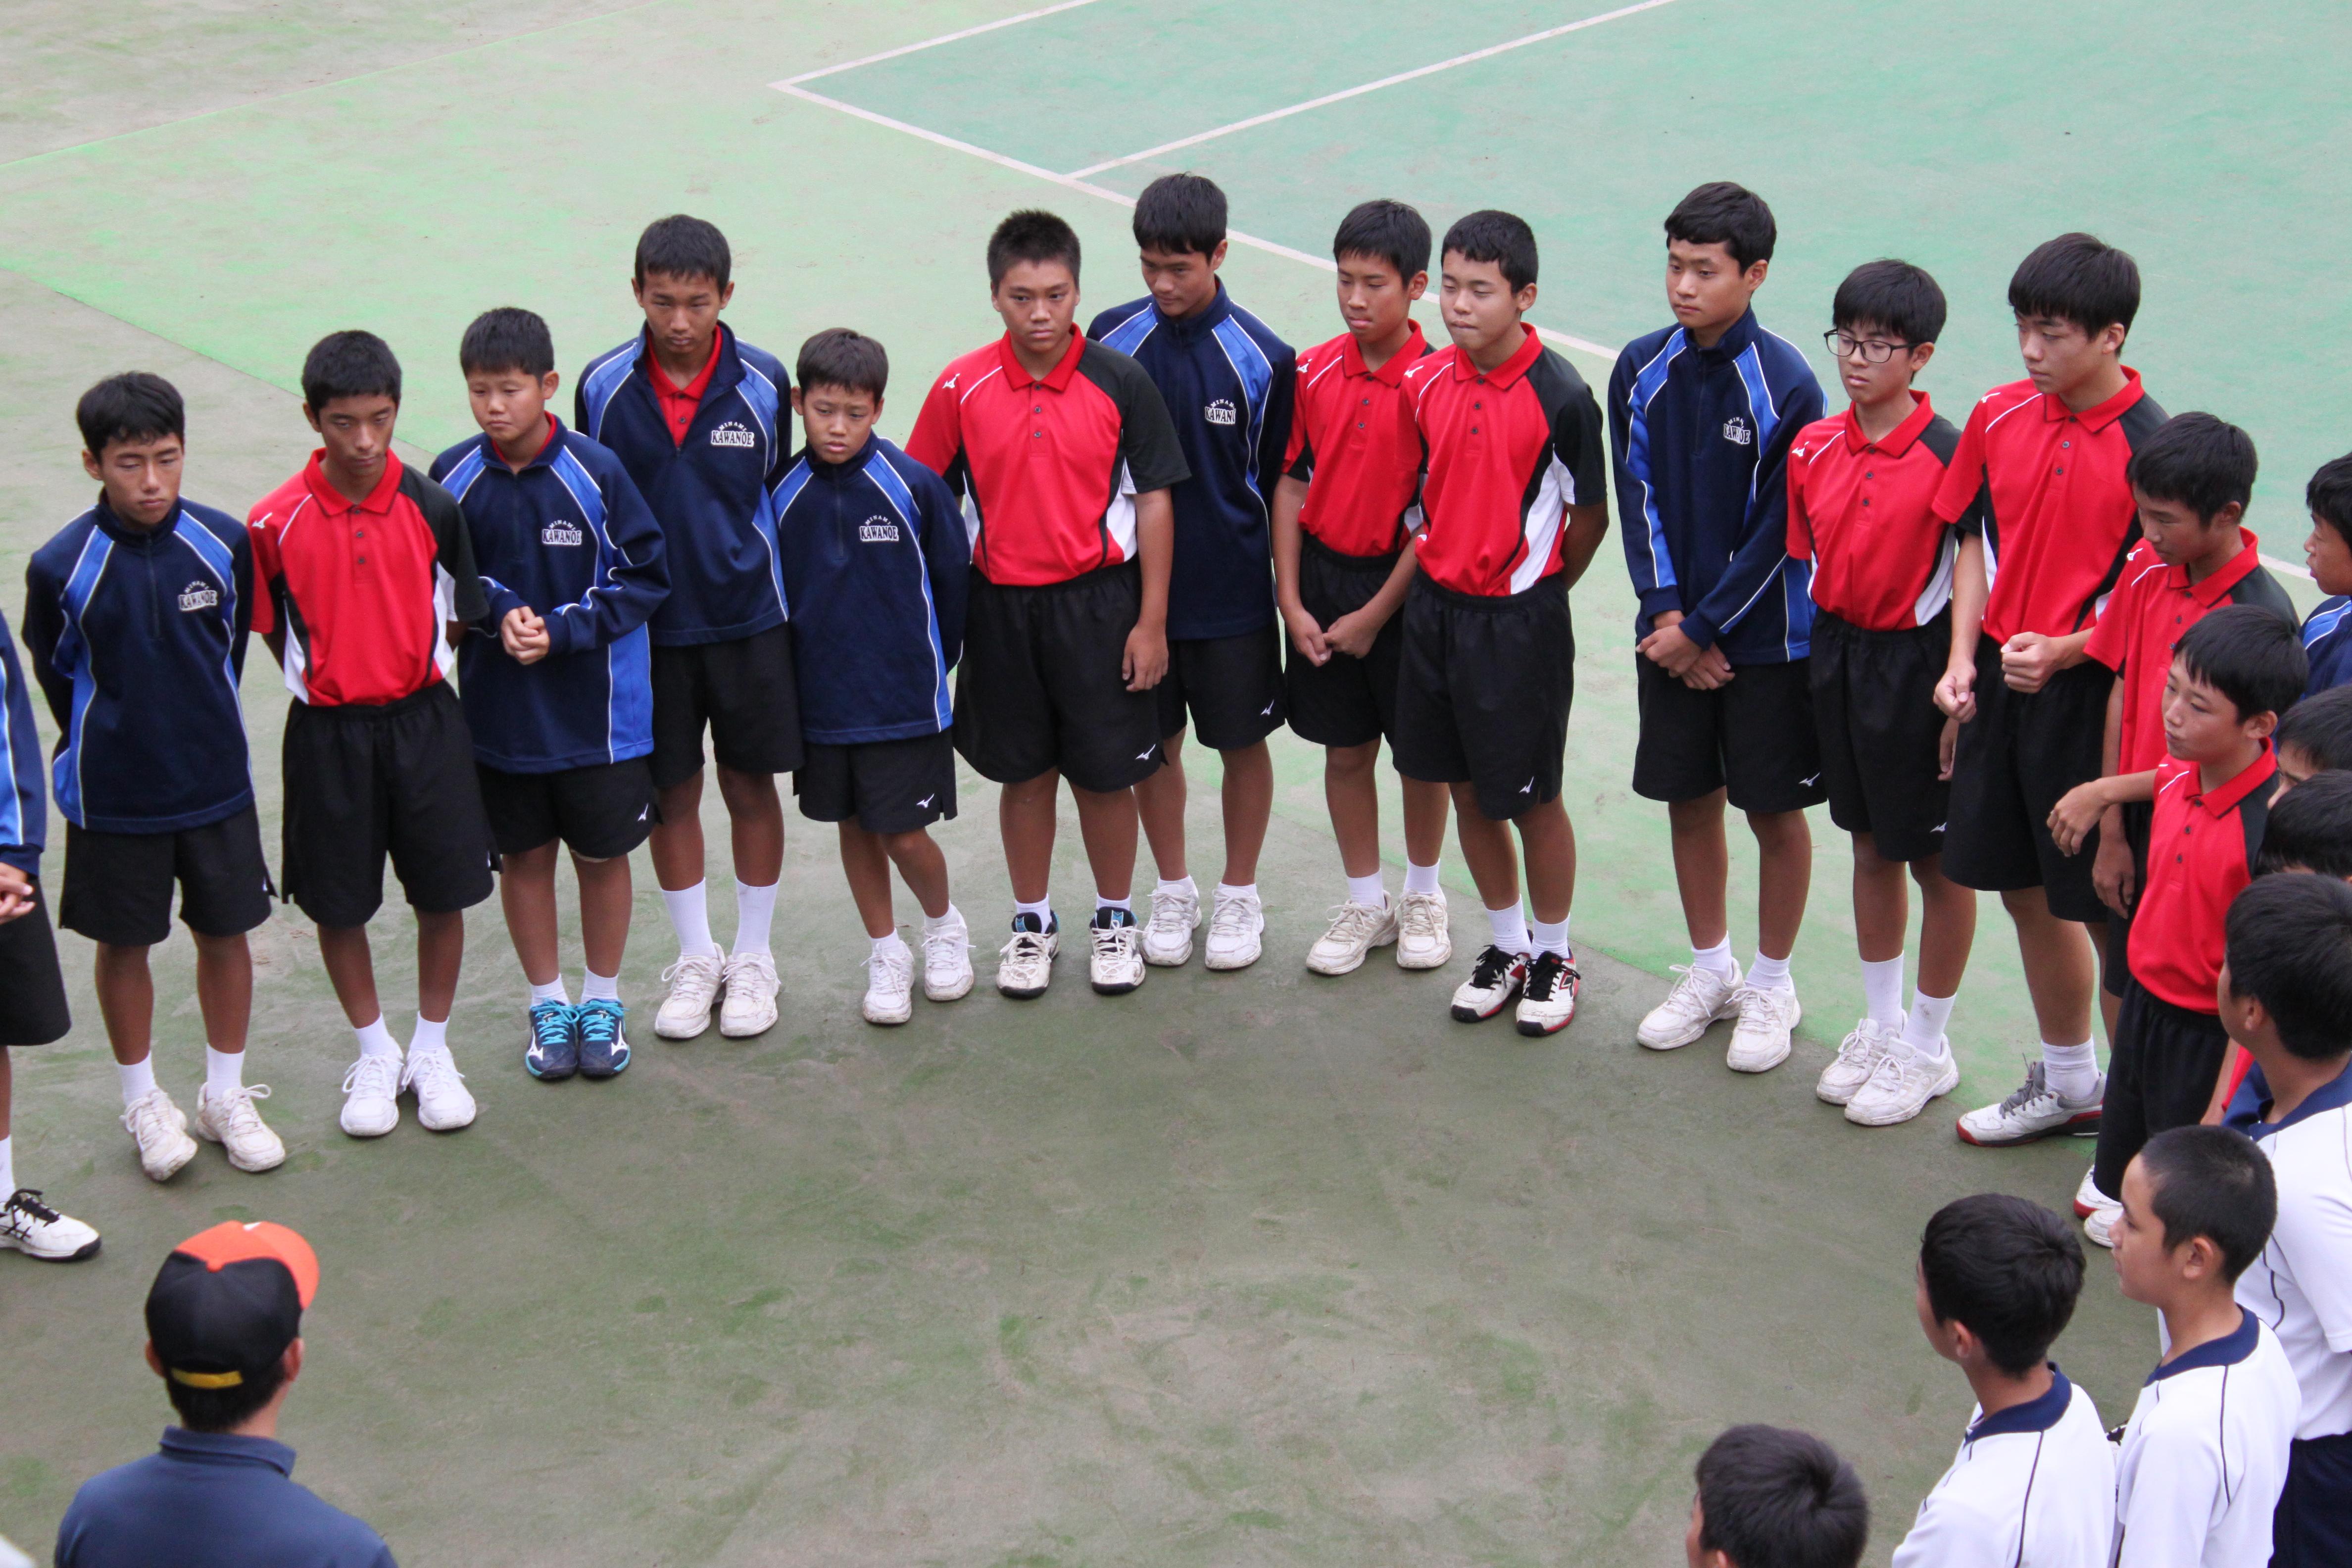 ソフトテニス(426)